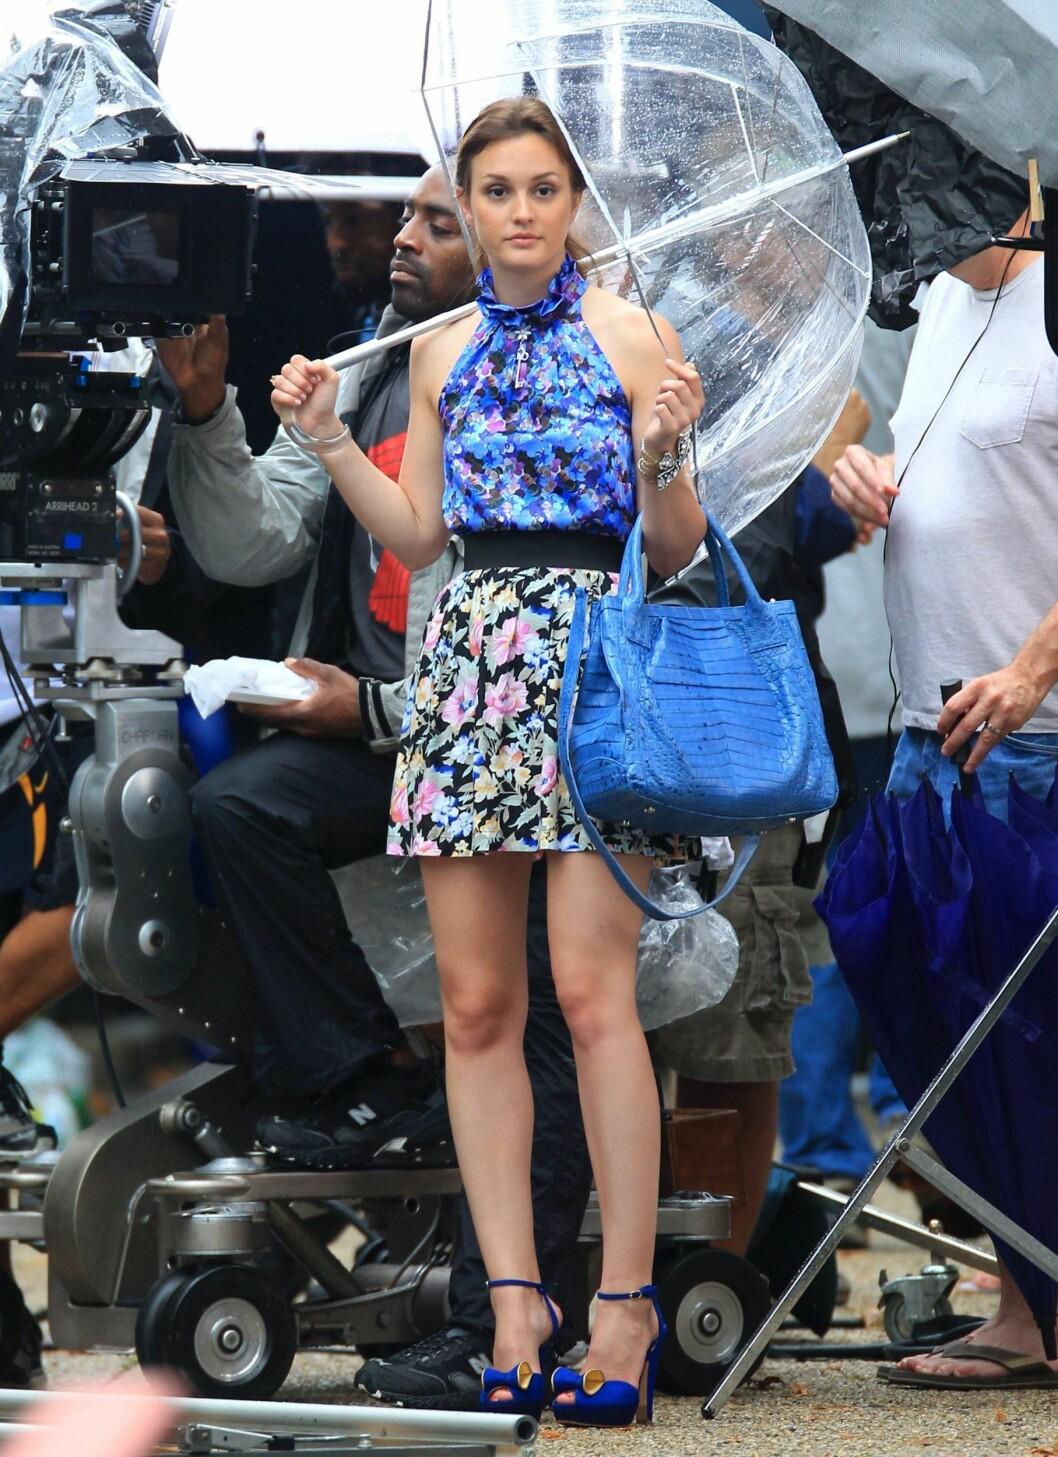 Blake Lively er kanskje lei av å vente på at værgudene skal samarbeide, men stråle gjør hun i blåmønstret topp, blomstrete miniskjørt og slående kongeblå accessoarer. Legg merke til de sexy skoene - ikke akkurat regntøy. Foto: All Over Press